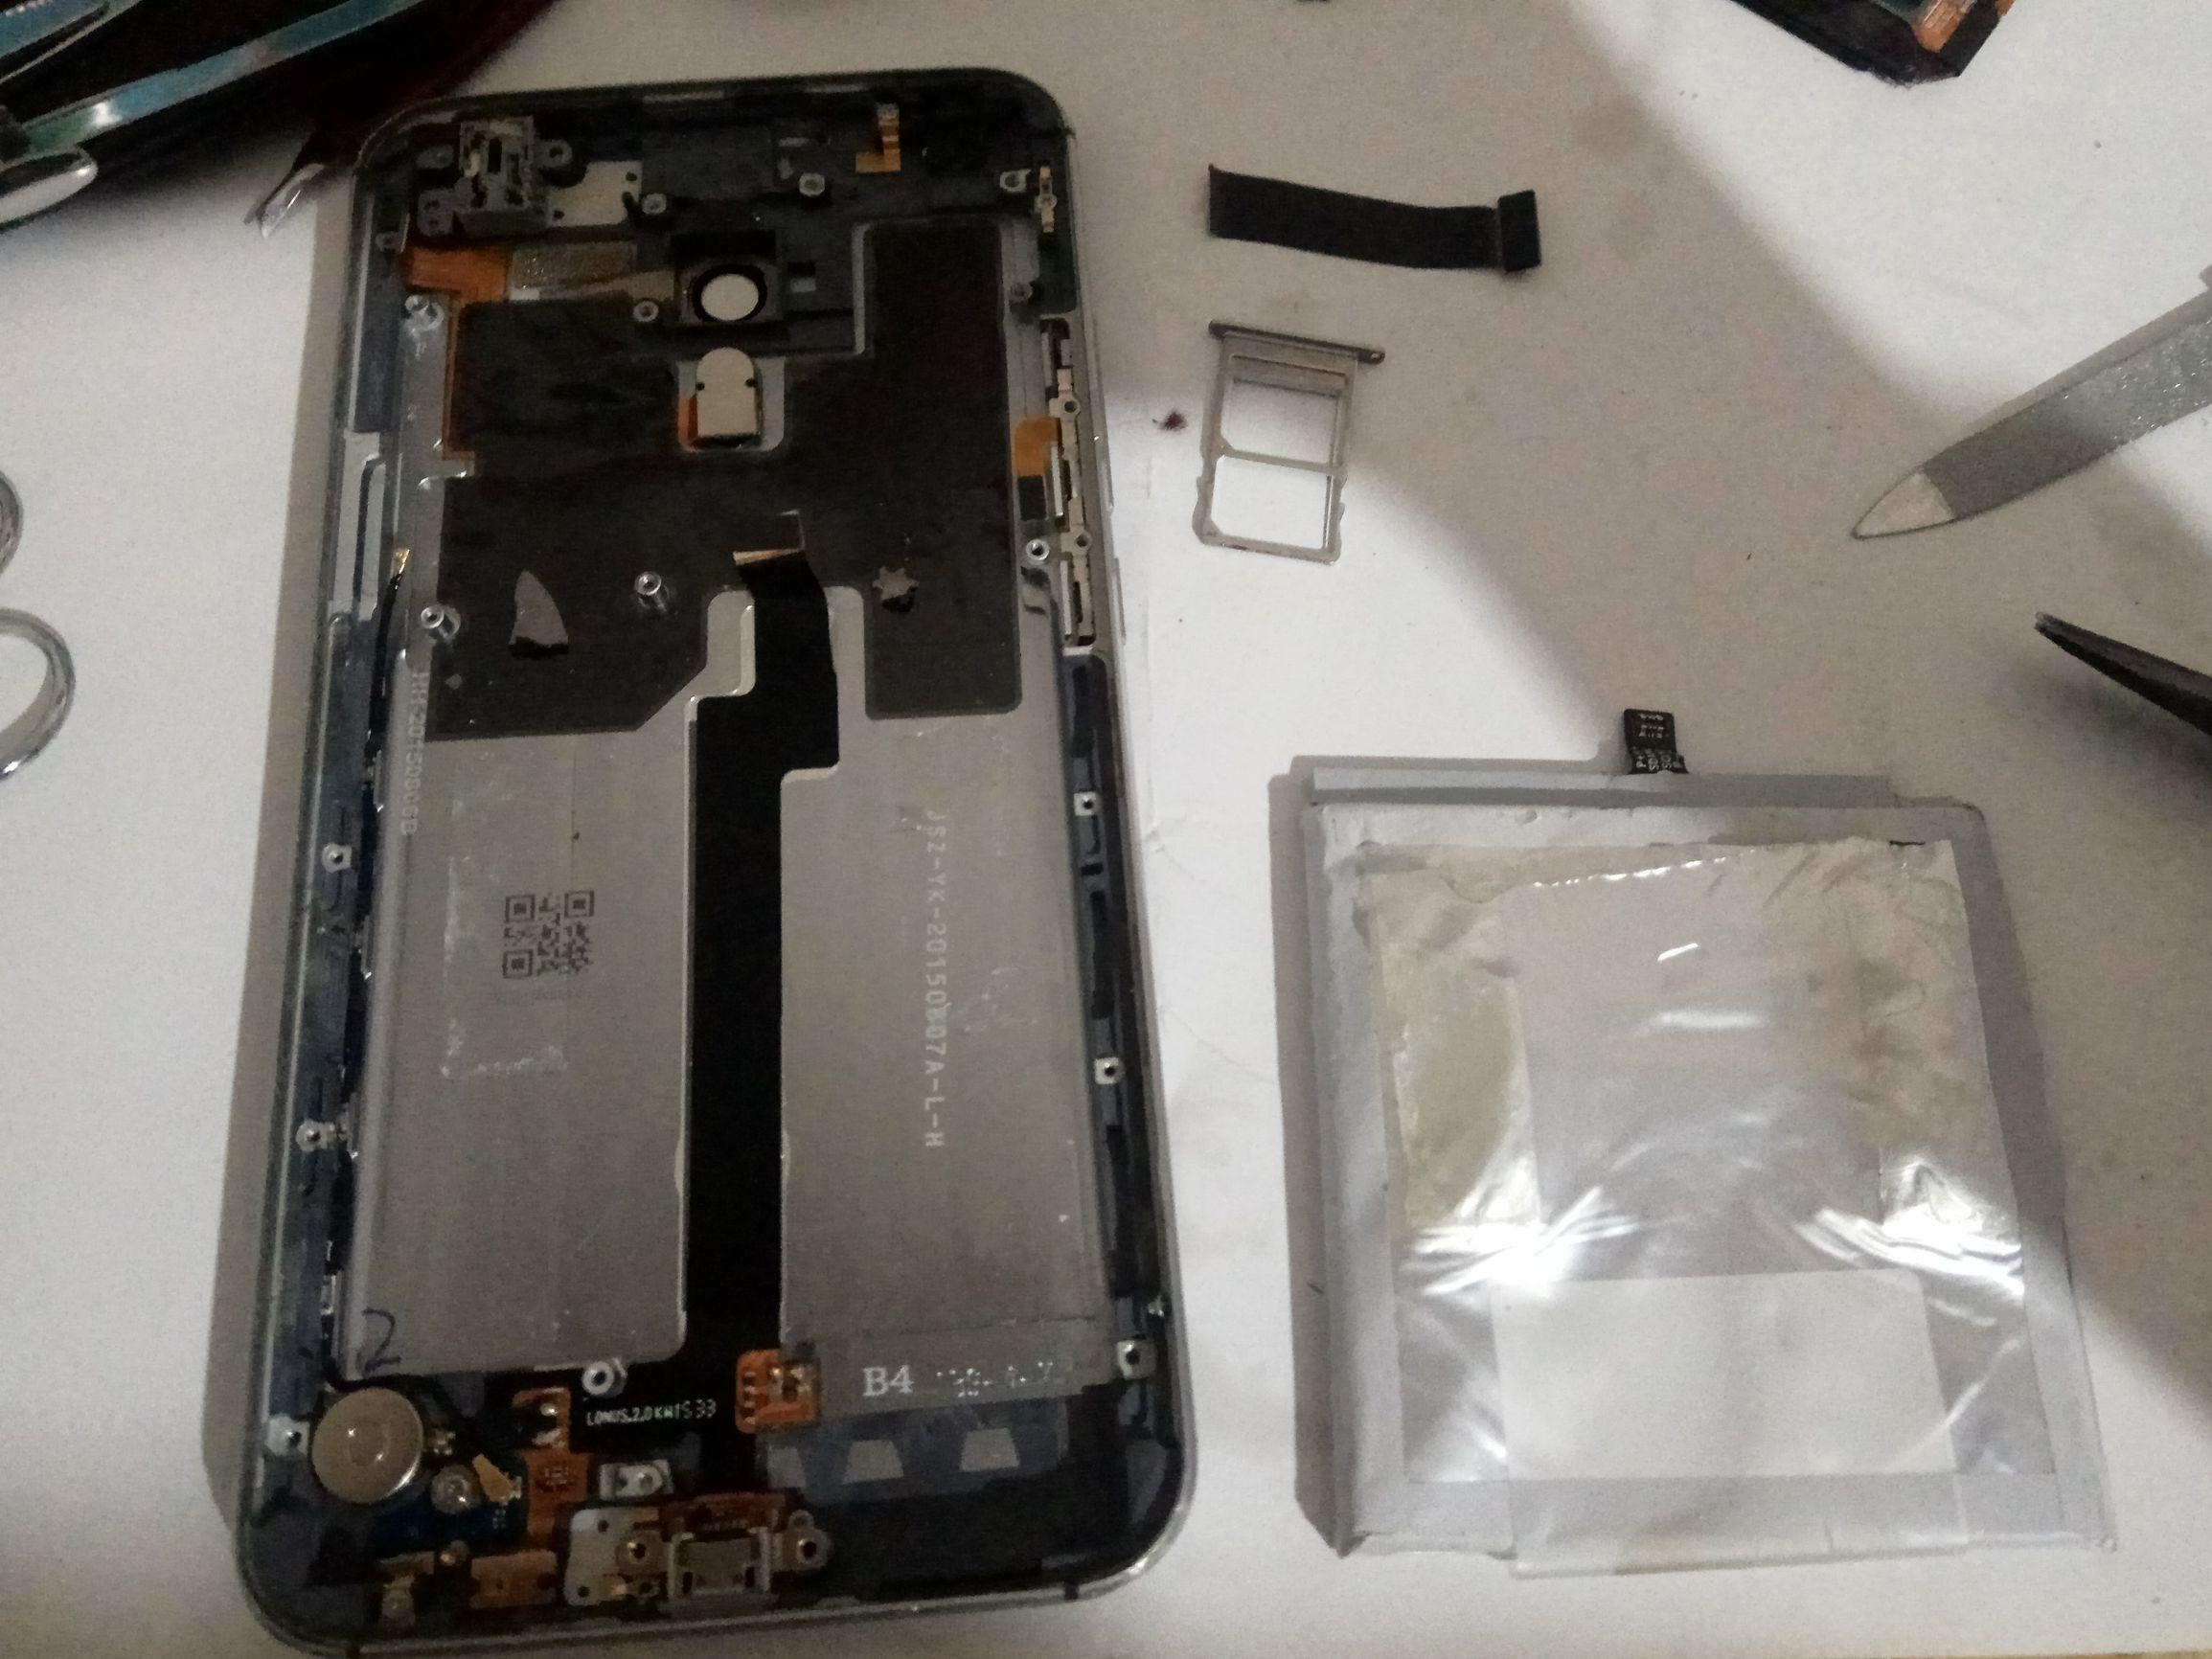 魅族MX5拆卸:两年前的旧旗舰级加工工艺不输当今手机上,和小米6比如何